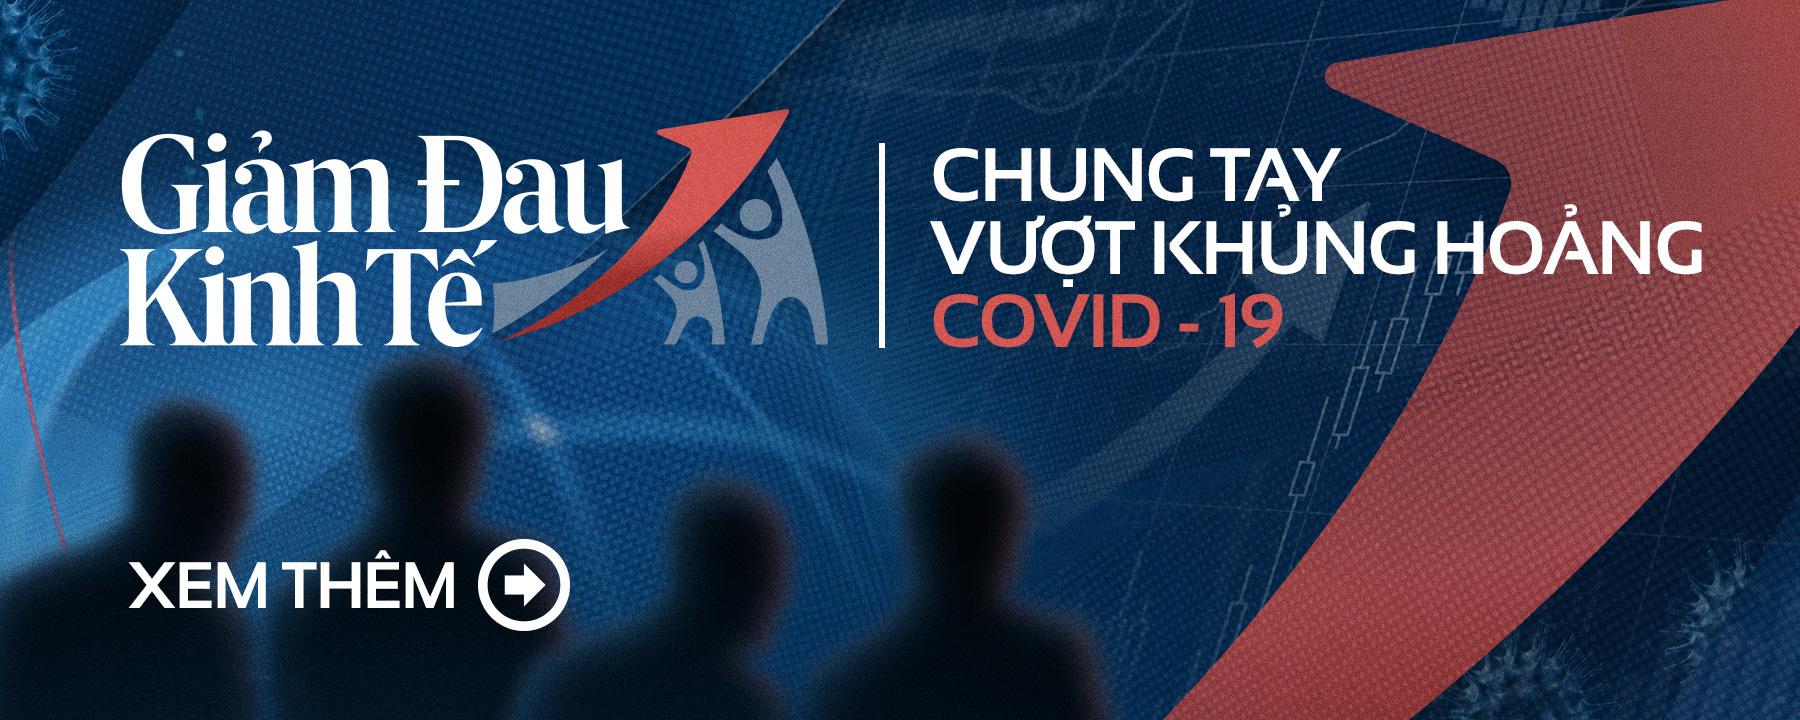 Cận cảnh ma trận những cỗ máy in tiền: Khi dịch COVID-19 biến Trung Quốc thành miền Tây hoang dã-3